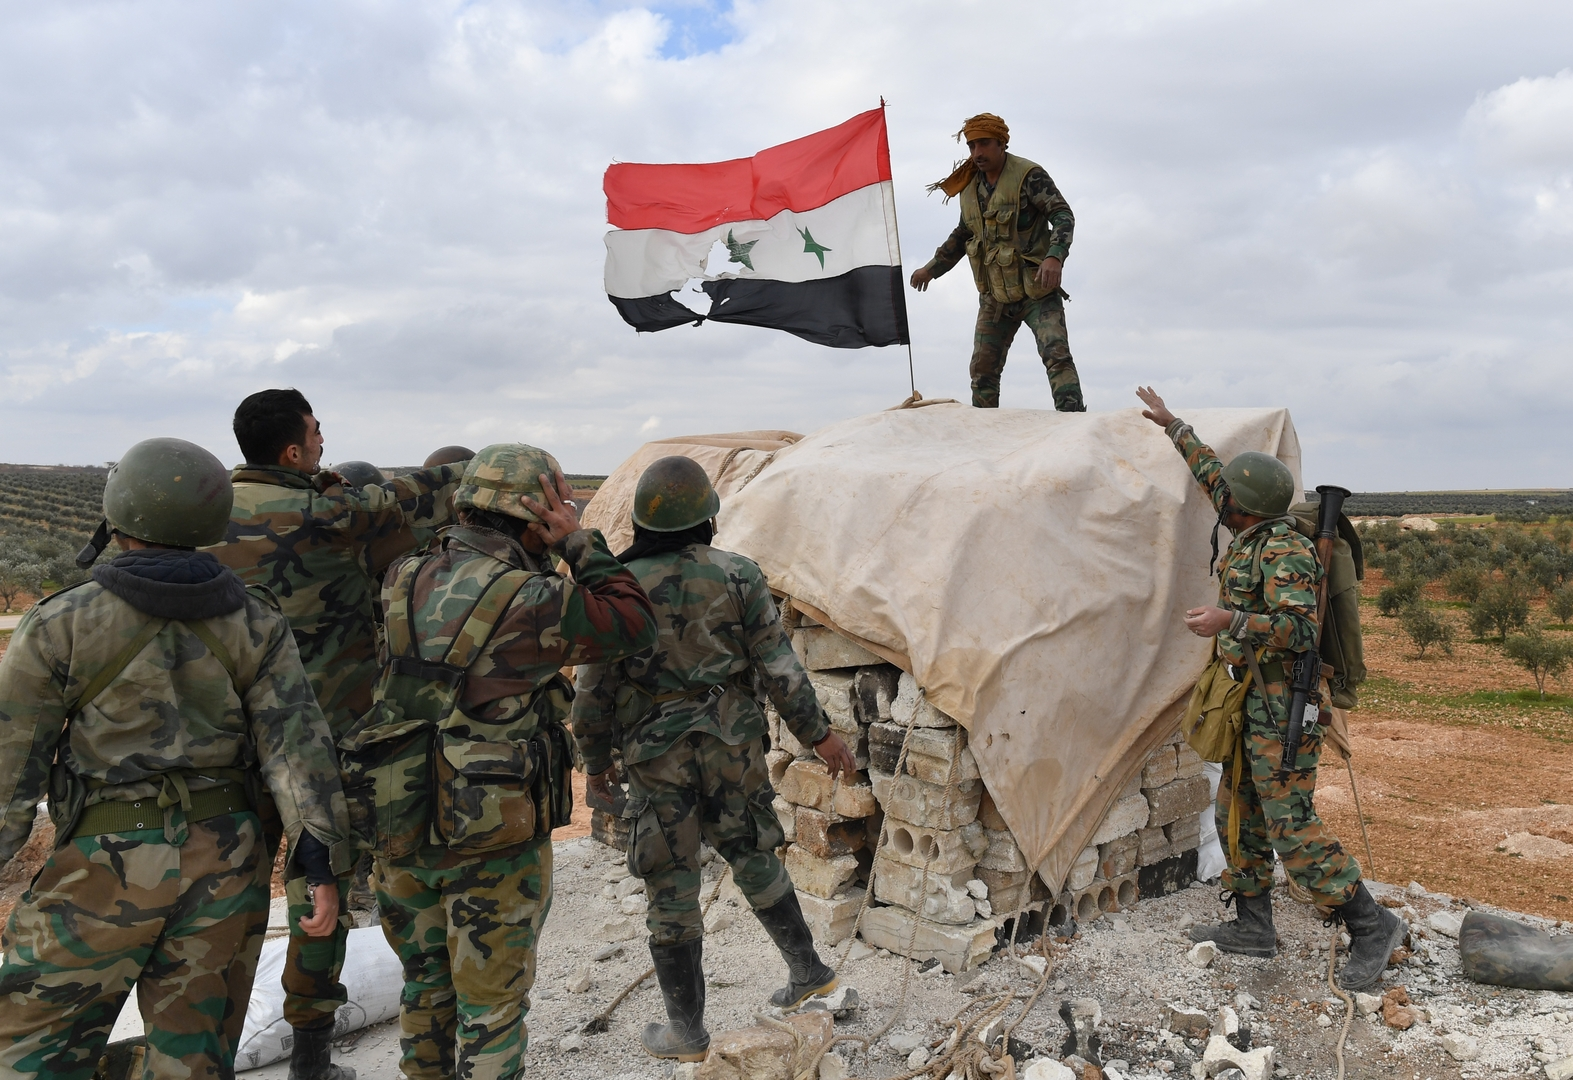 الدفاع الروسية تعلن عن الحدث الأهم في سوريا عام 2019